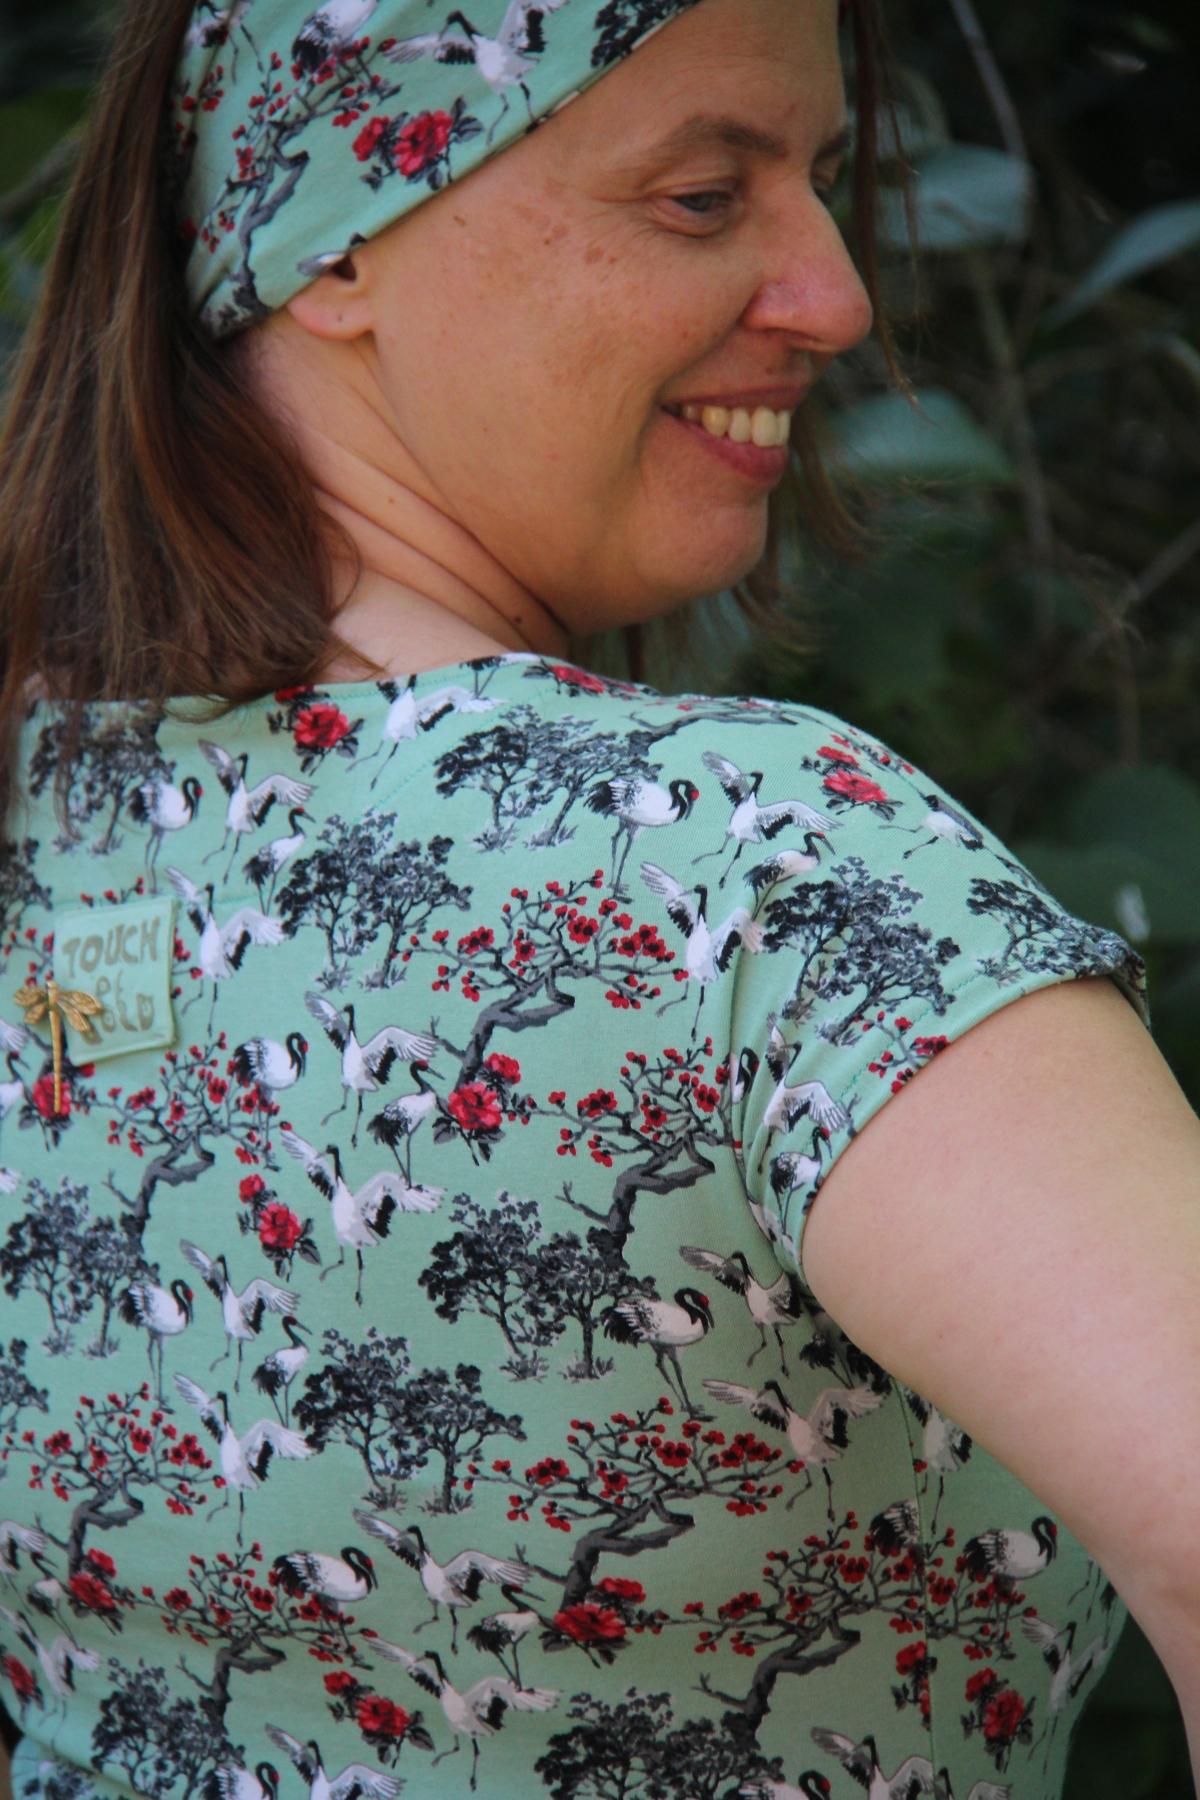 Een jurk met 'A touch ofgold'